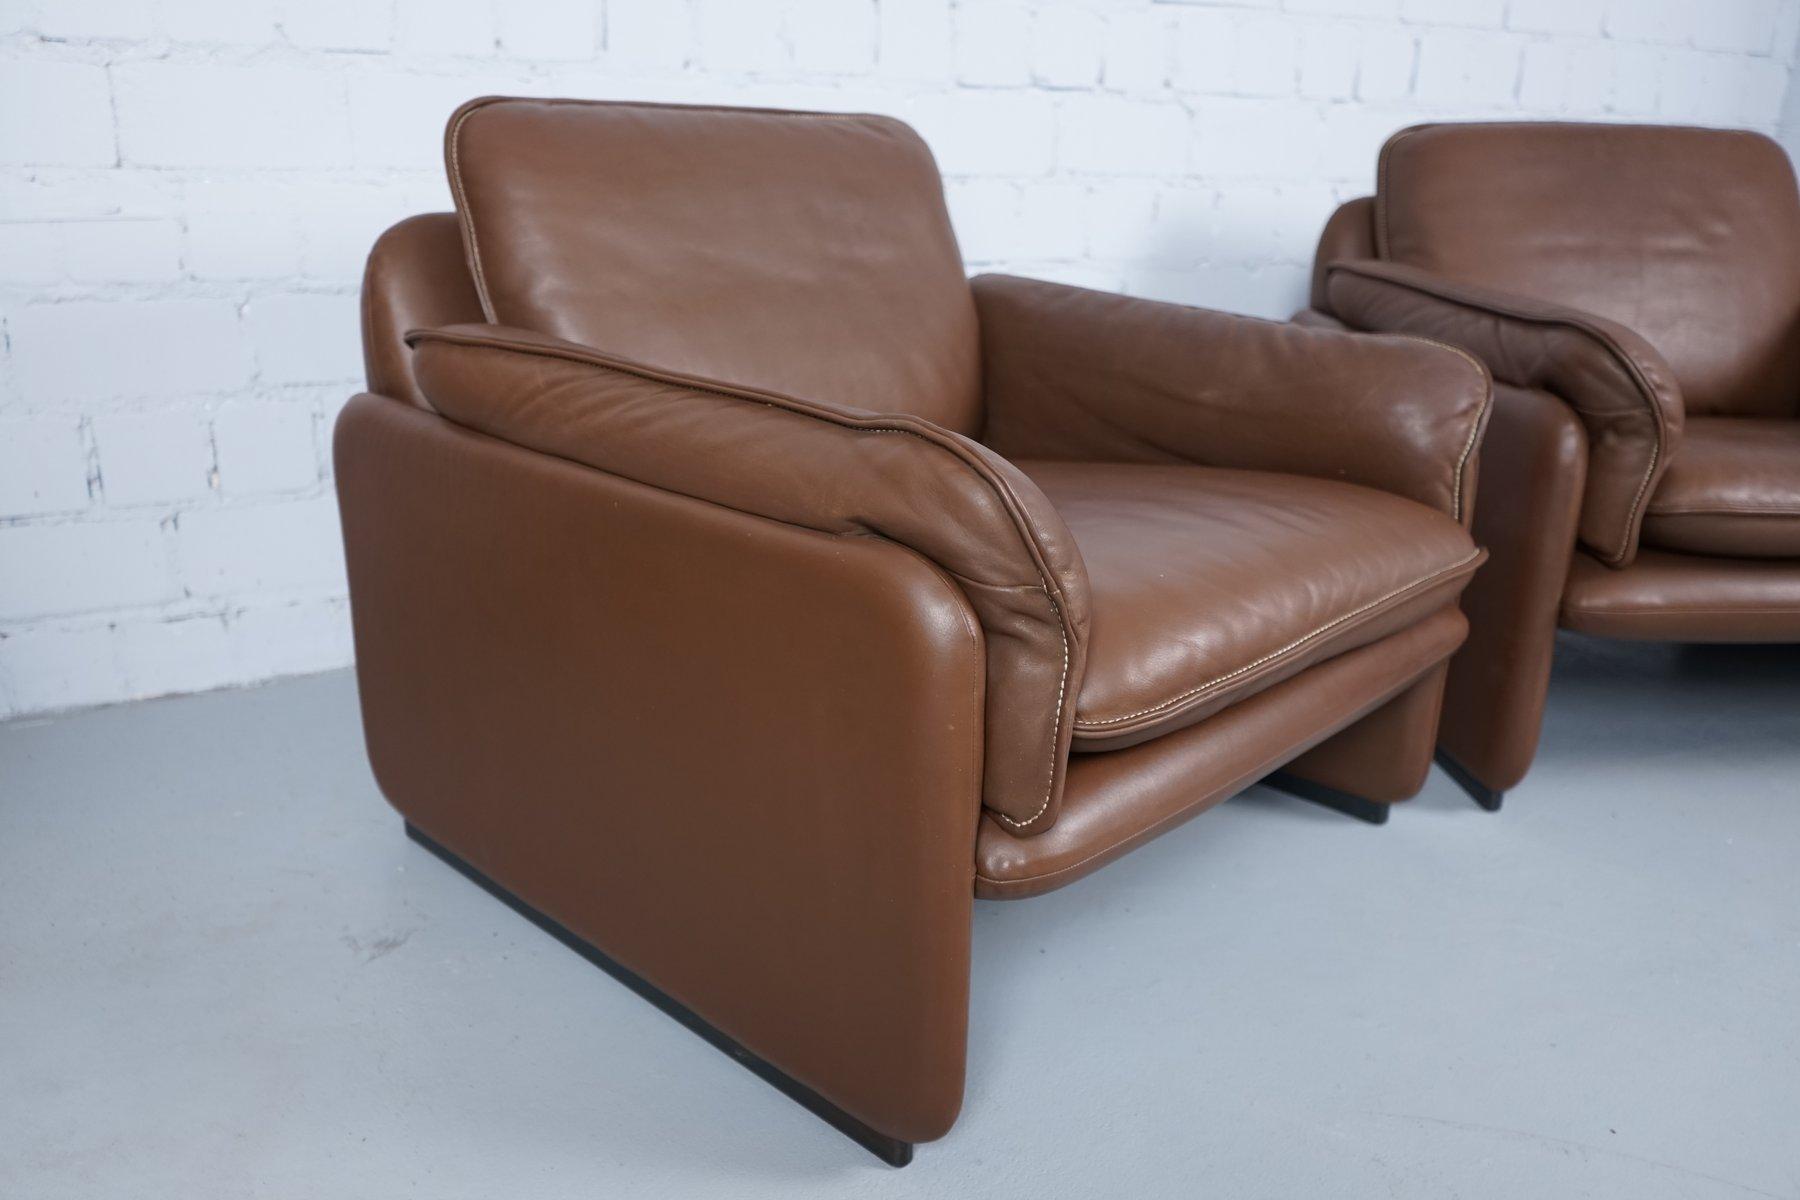 modell ds61 2 sitzer sofa sessel von de sede 1960er 3er set bei pamono kaufen. Black Bedroom Furniture Sets. Home Design Ideas